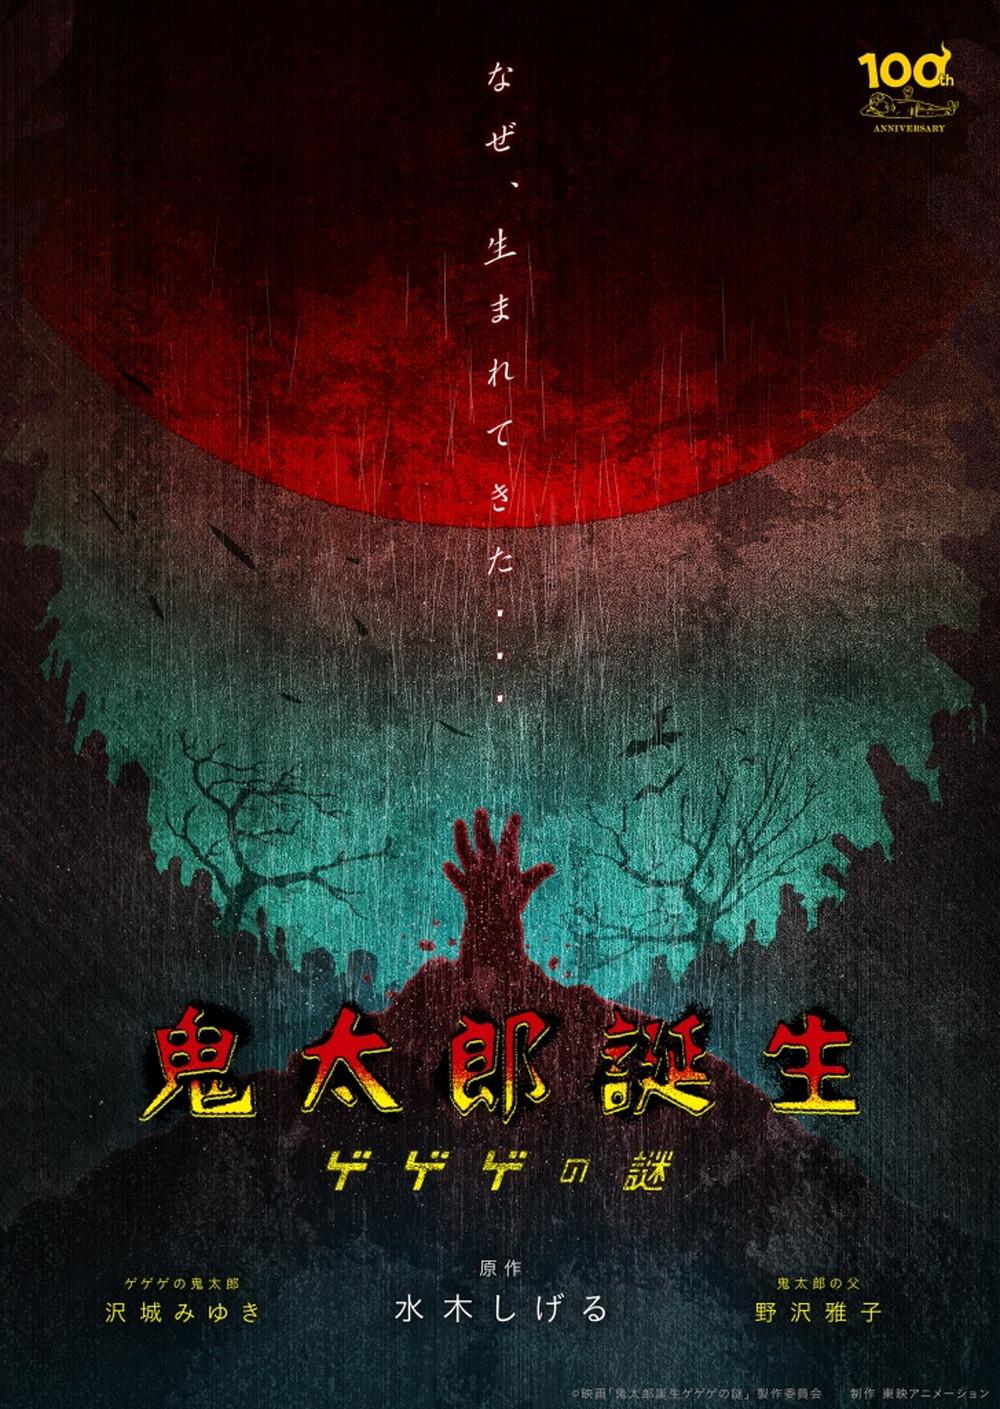 新作映画「鬼太郎誕生 ゲゲゲの謎」ティザービジュアル